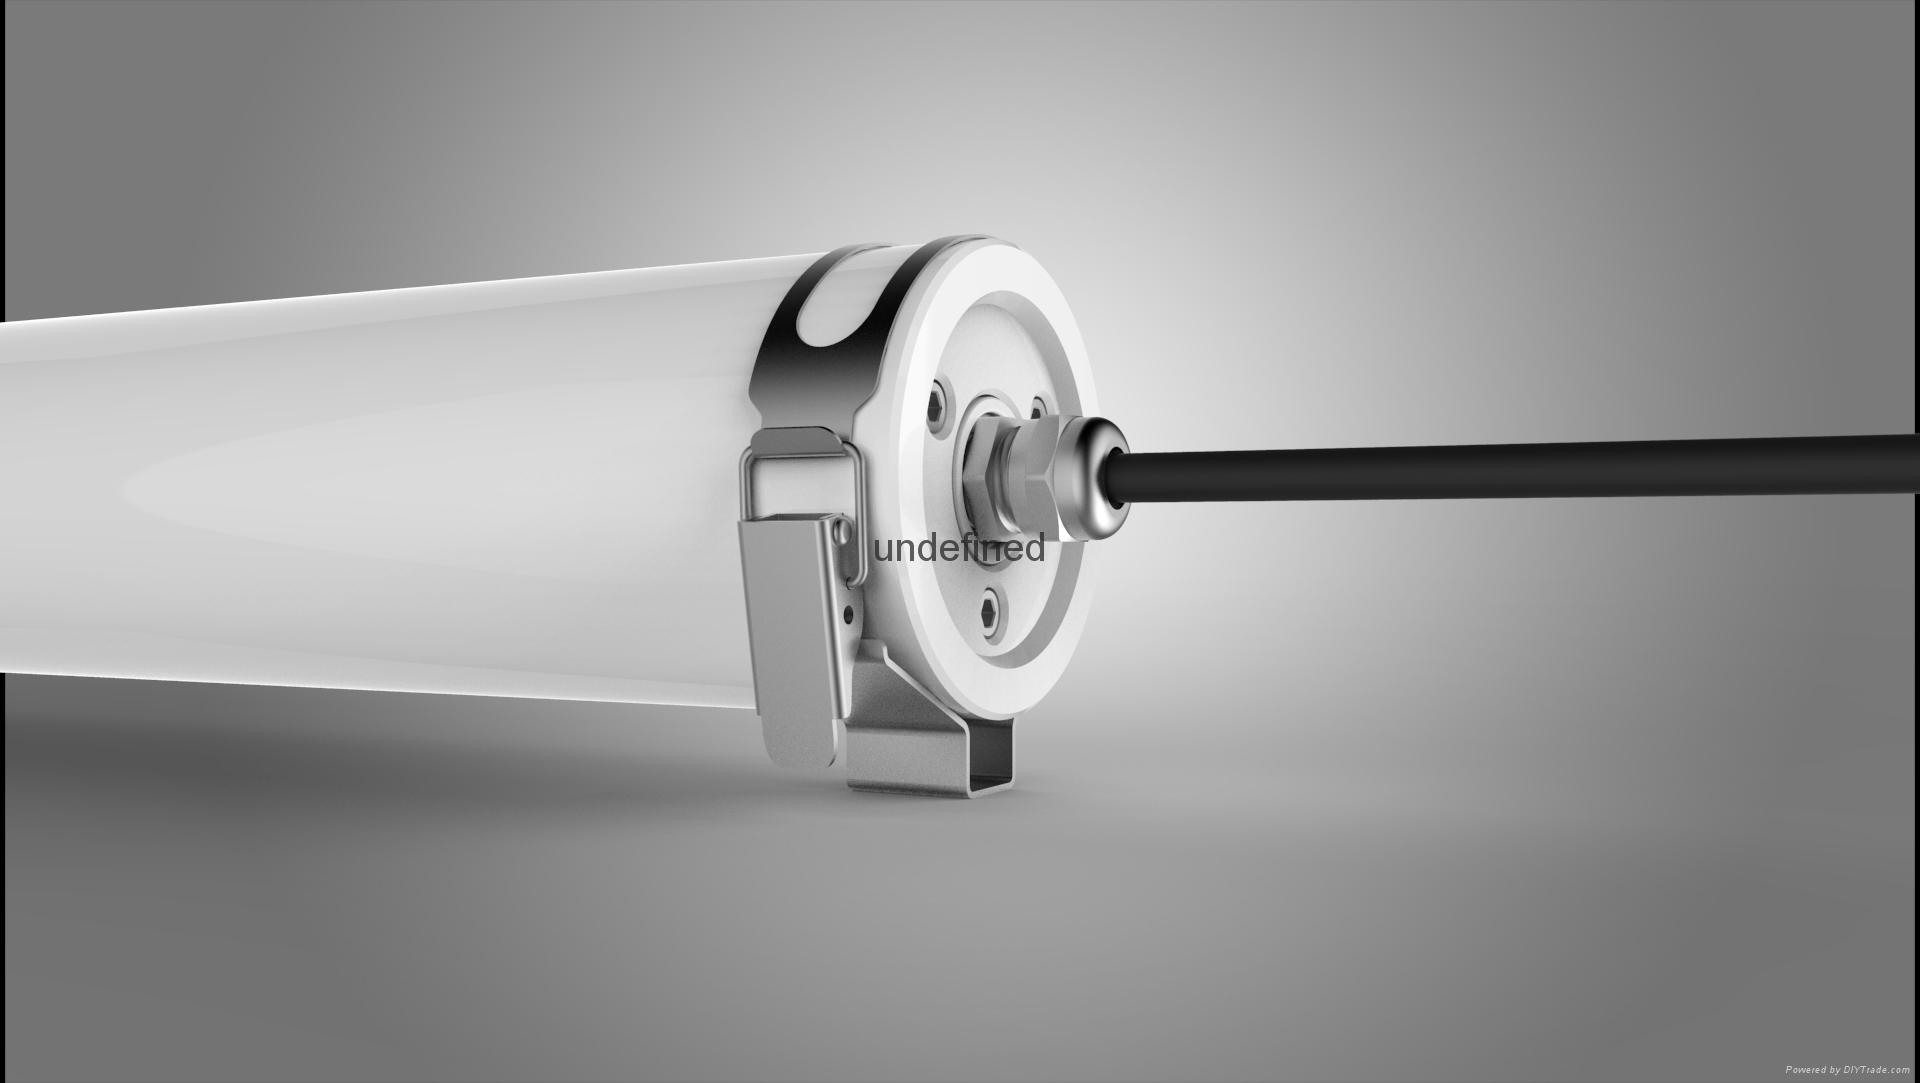 LED batten fitting 1500mm IP69K Waterproof 2